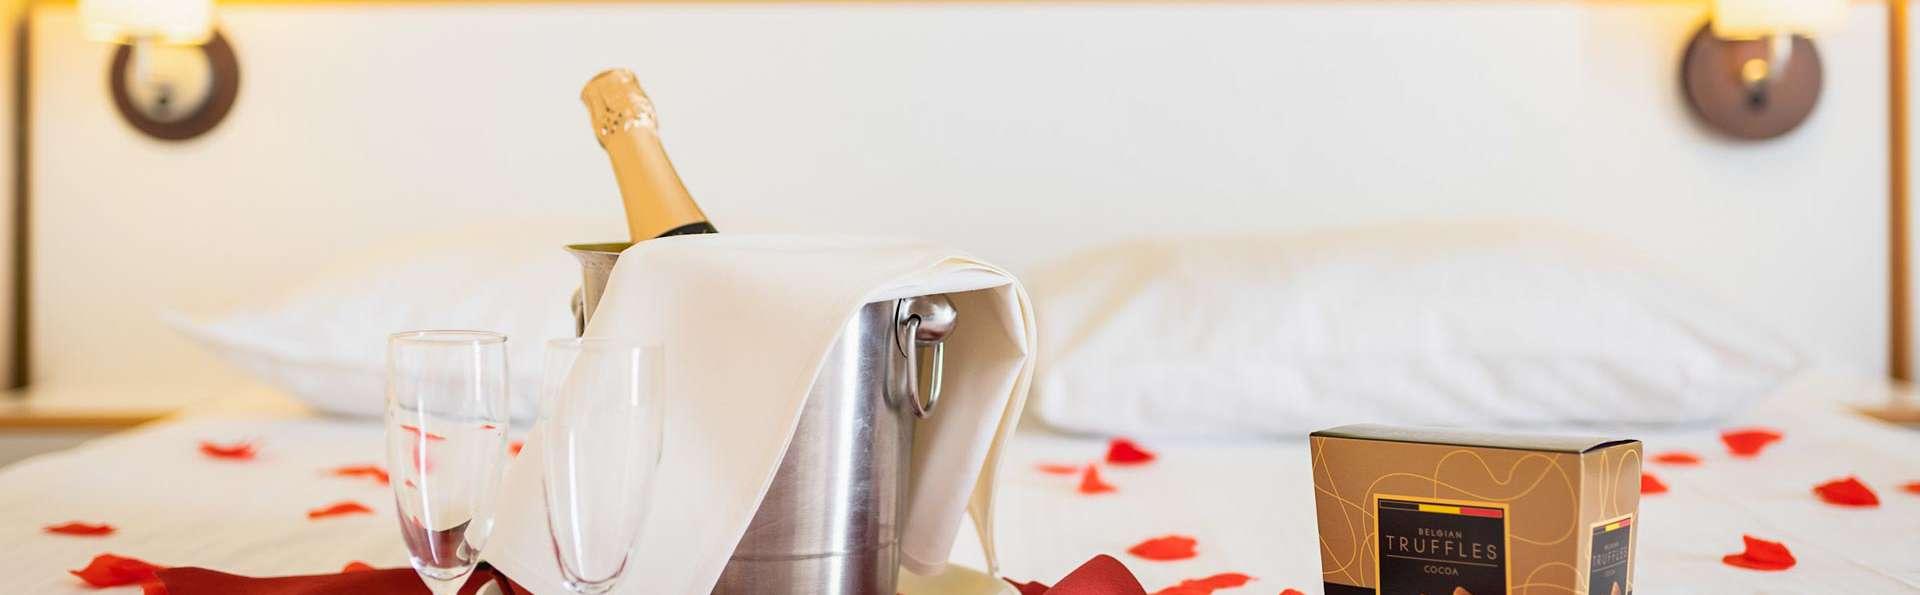 Séjour romantique près de Bruges avec pétales de rose et chocolat